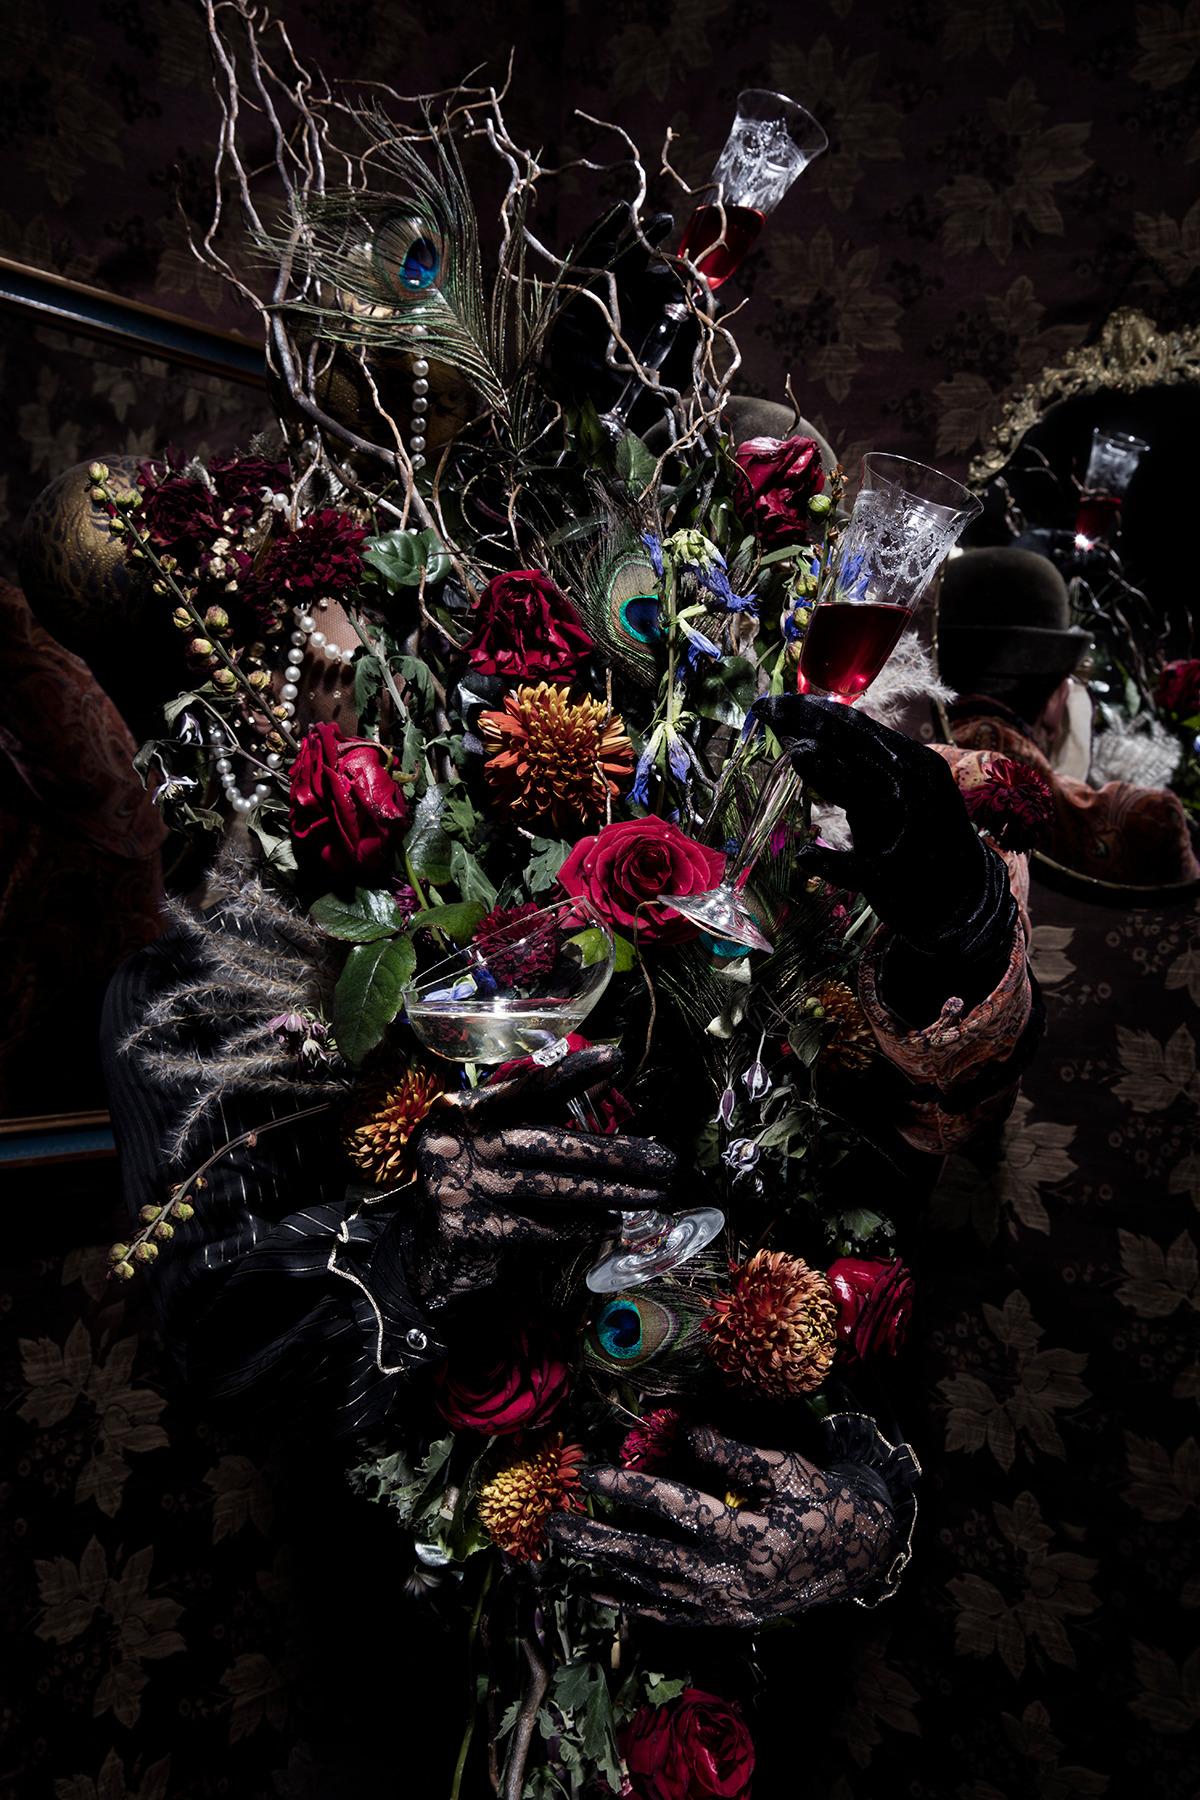 The Ubiquitous Bouquet